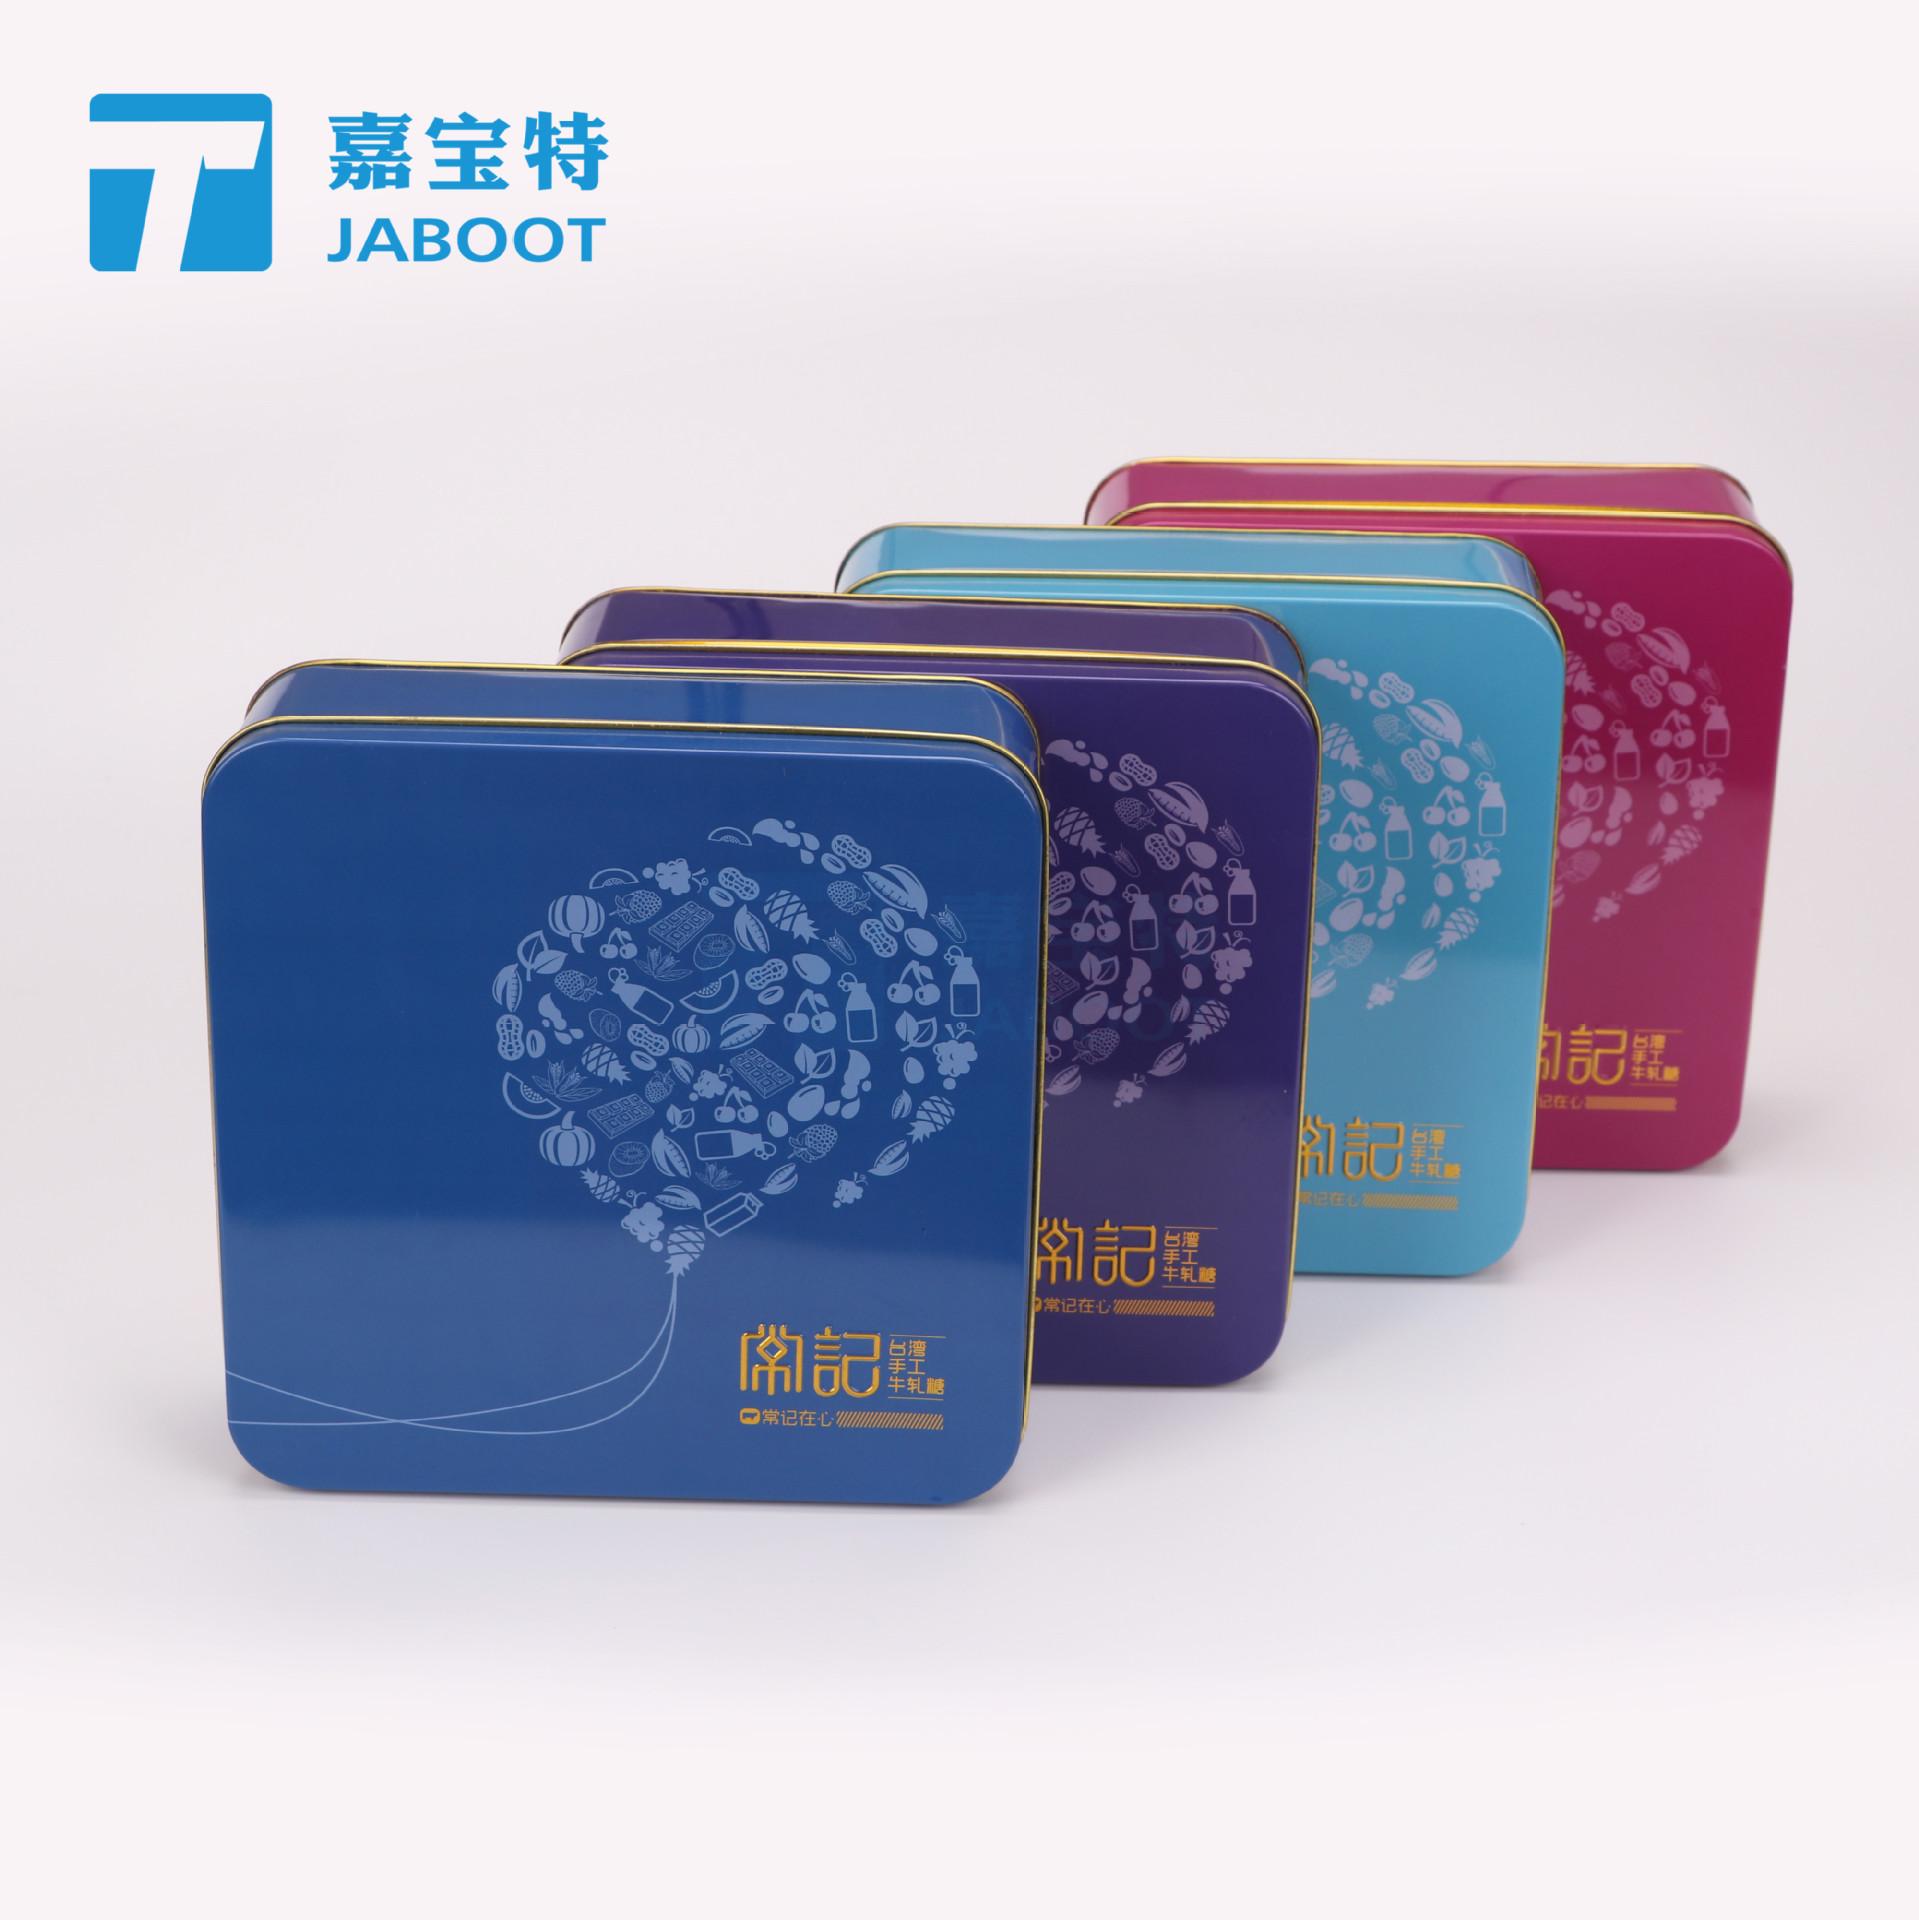 常记牛扎糖铁盒包装 方形曲奇饼干铁盒 化妆品马口铁盒包装定制